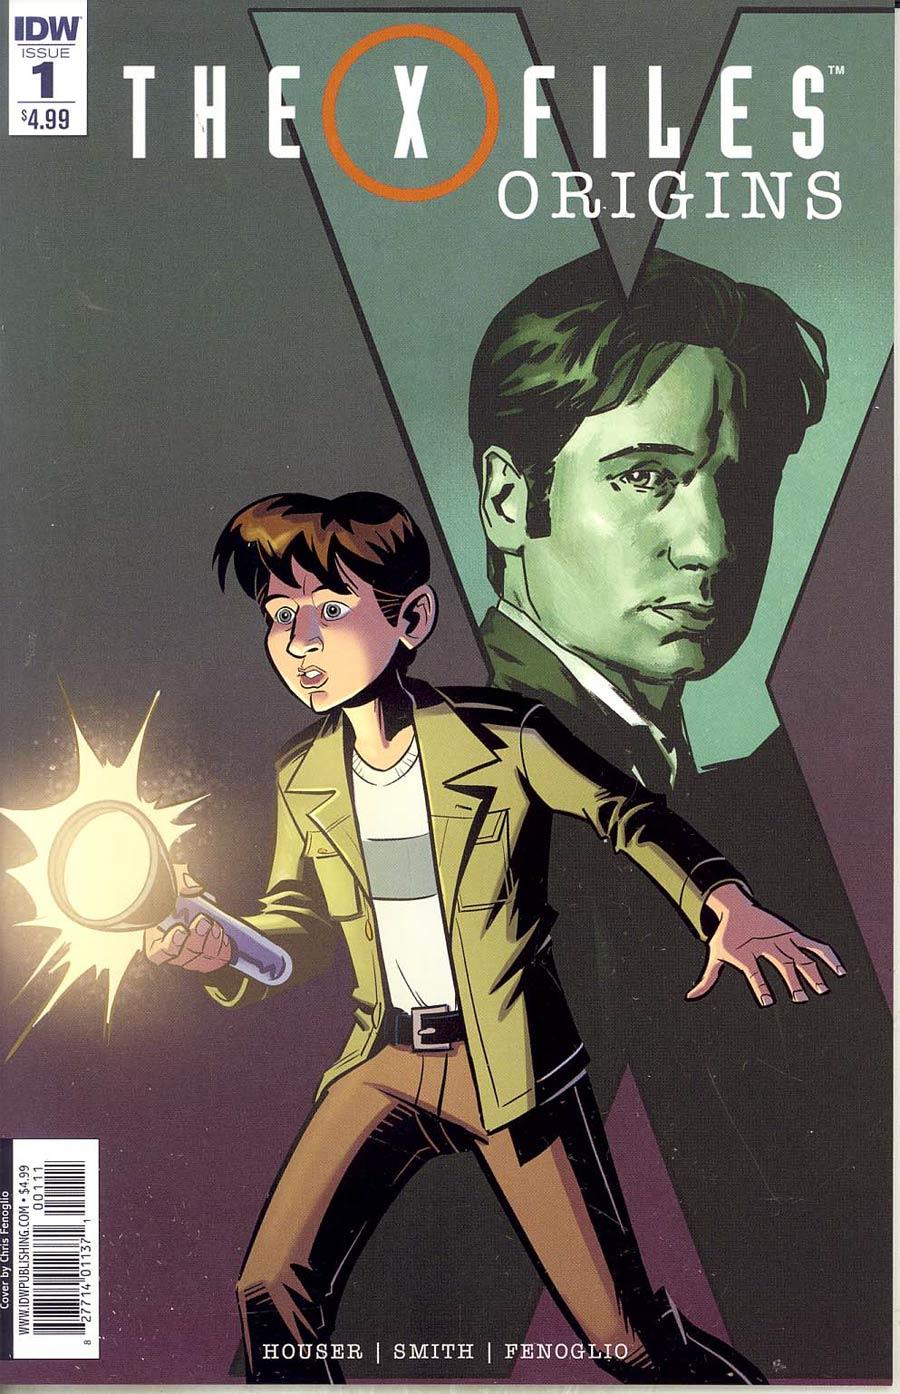 X-Files Origins #1 Cover A Regular Chris Fenoglio & Corin Howell Cover